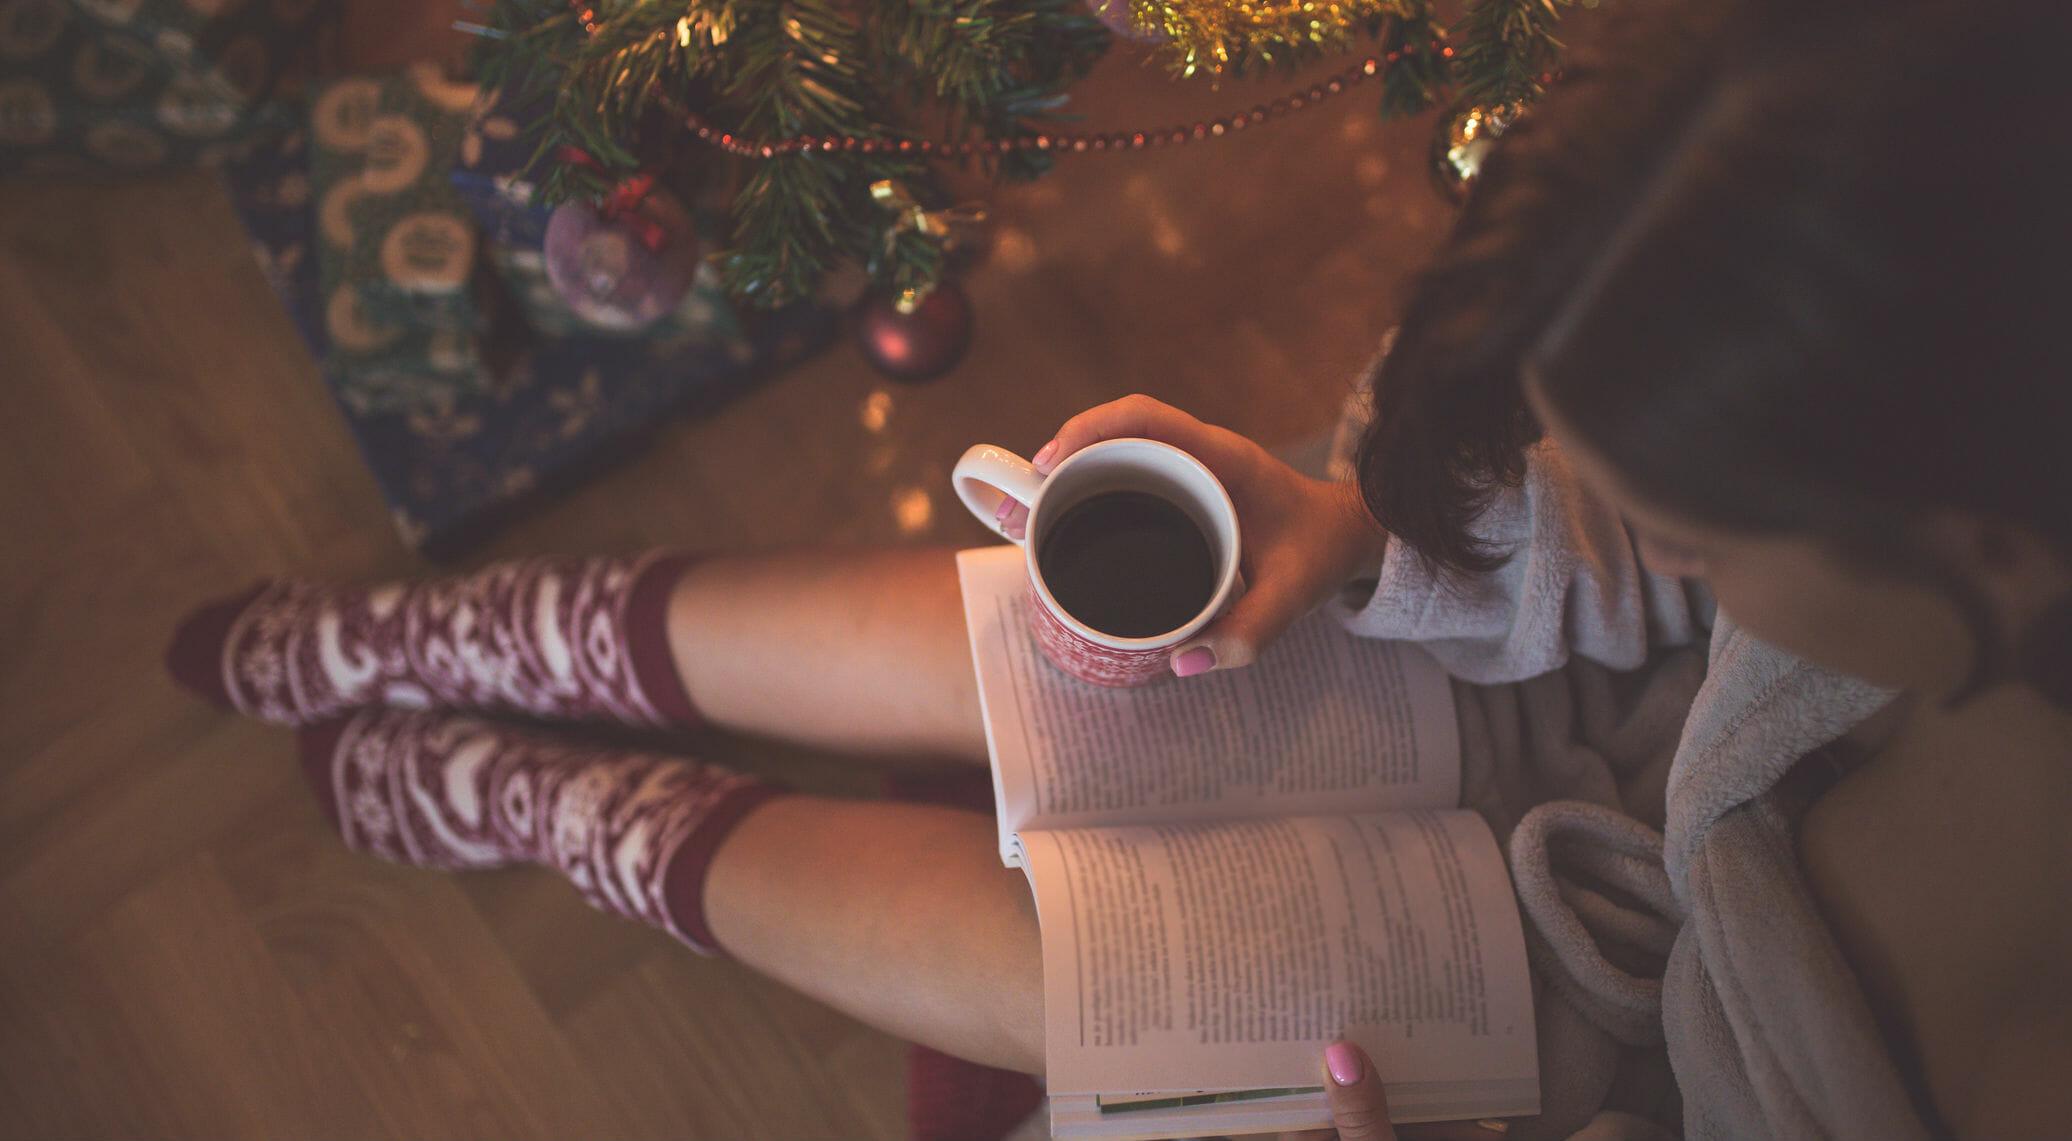 Una guida ai regali per lettrici e lettori di tutte le età, fra novità e grandi uscite dell'anno